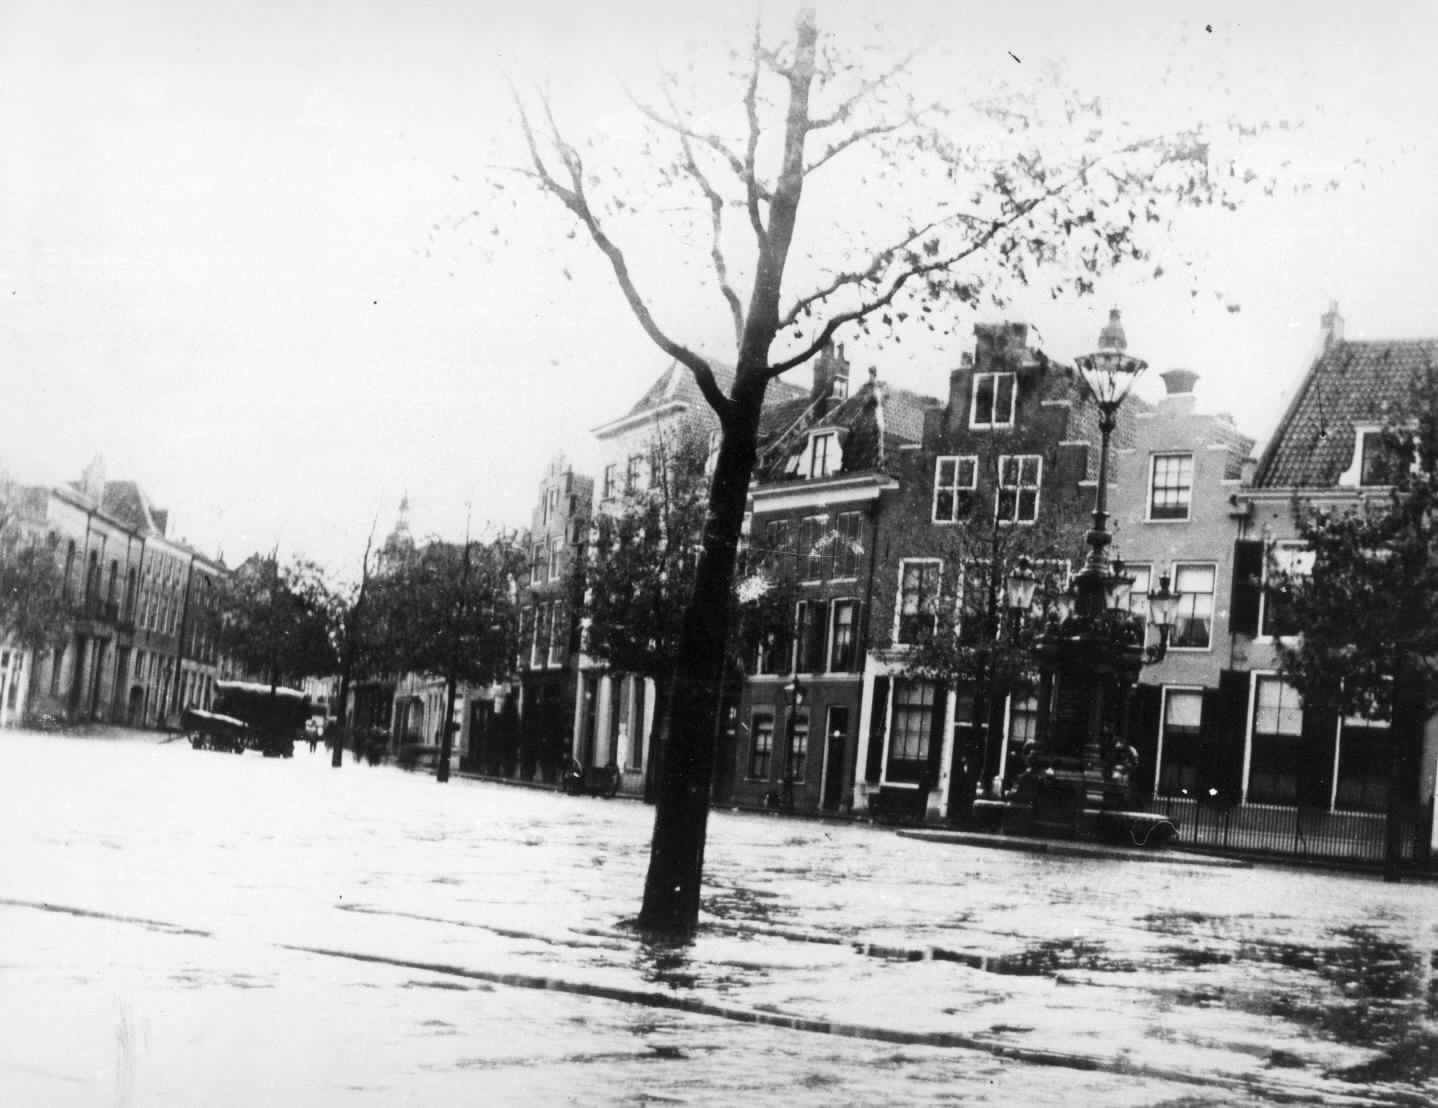 Rechts van de boom, met trapgevel de winkel van de firma CH Dumont van 1895 tot de sloop in 1818 voor het Hoofdpostkantoor Utrecht. Foto Joh. Moesman, 1903